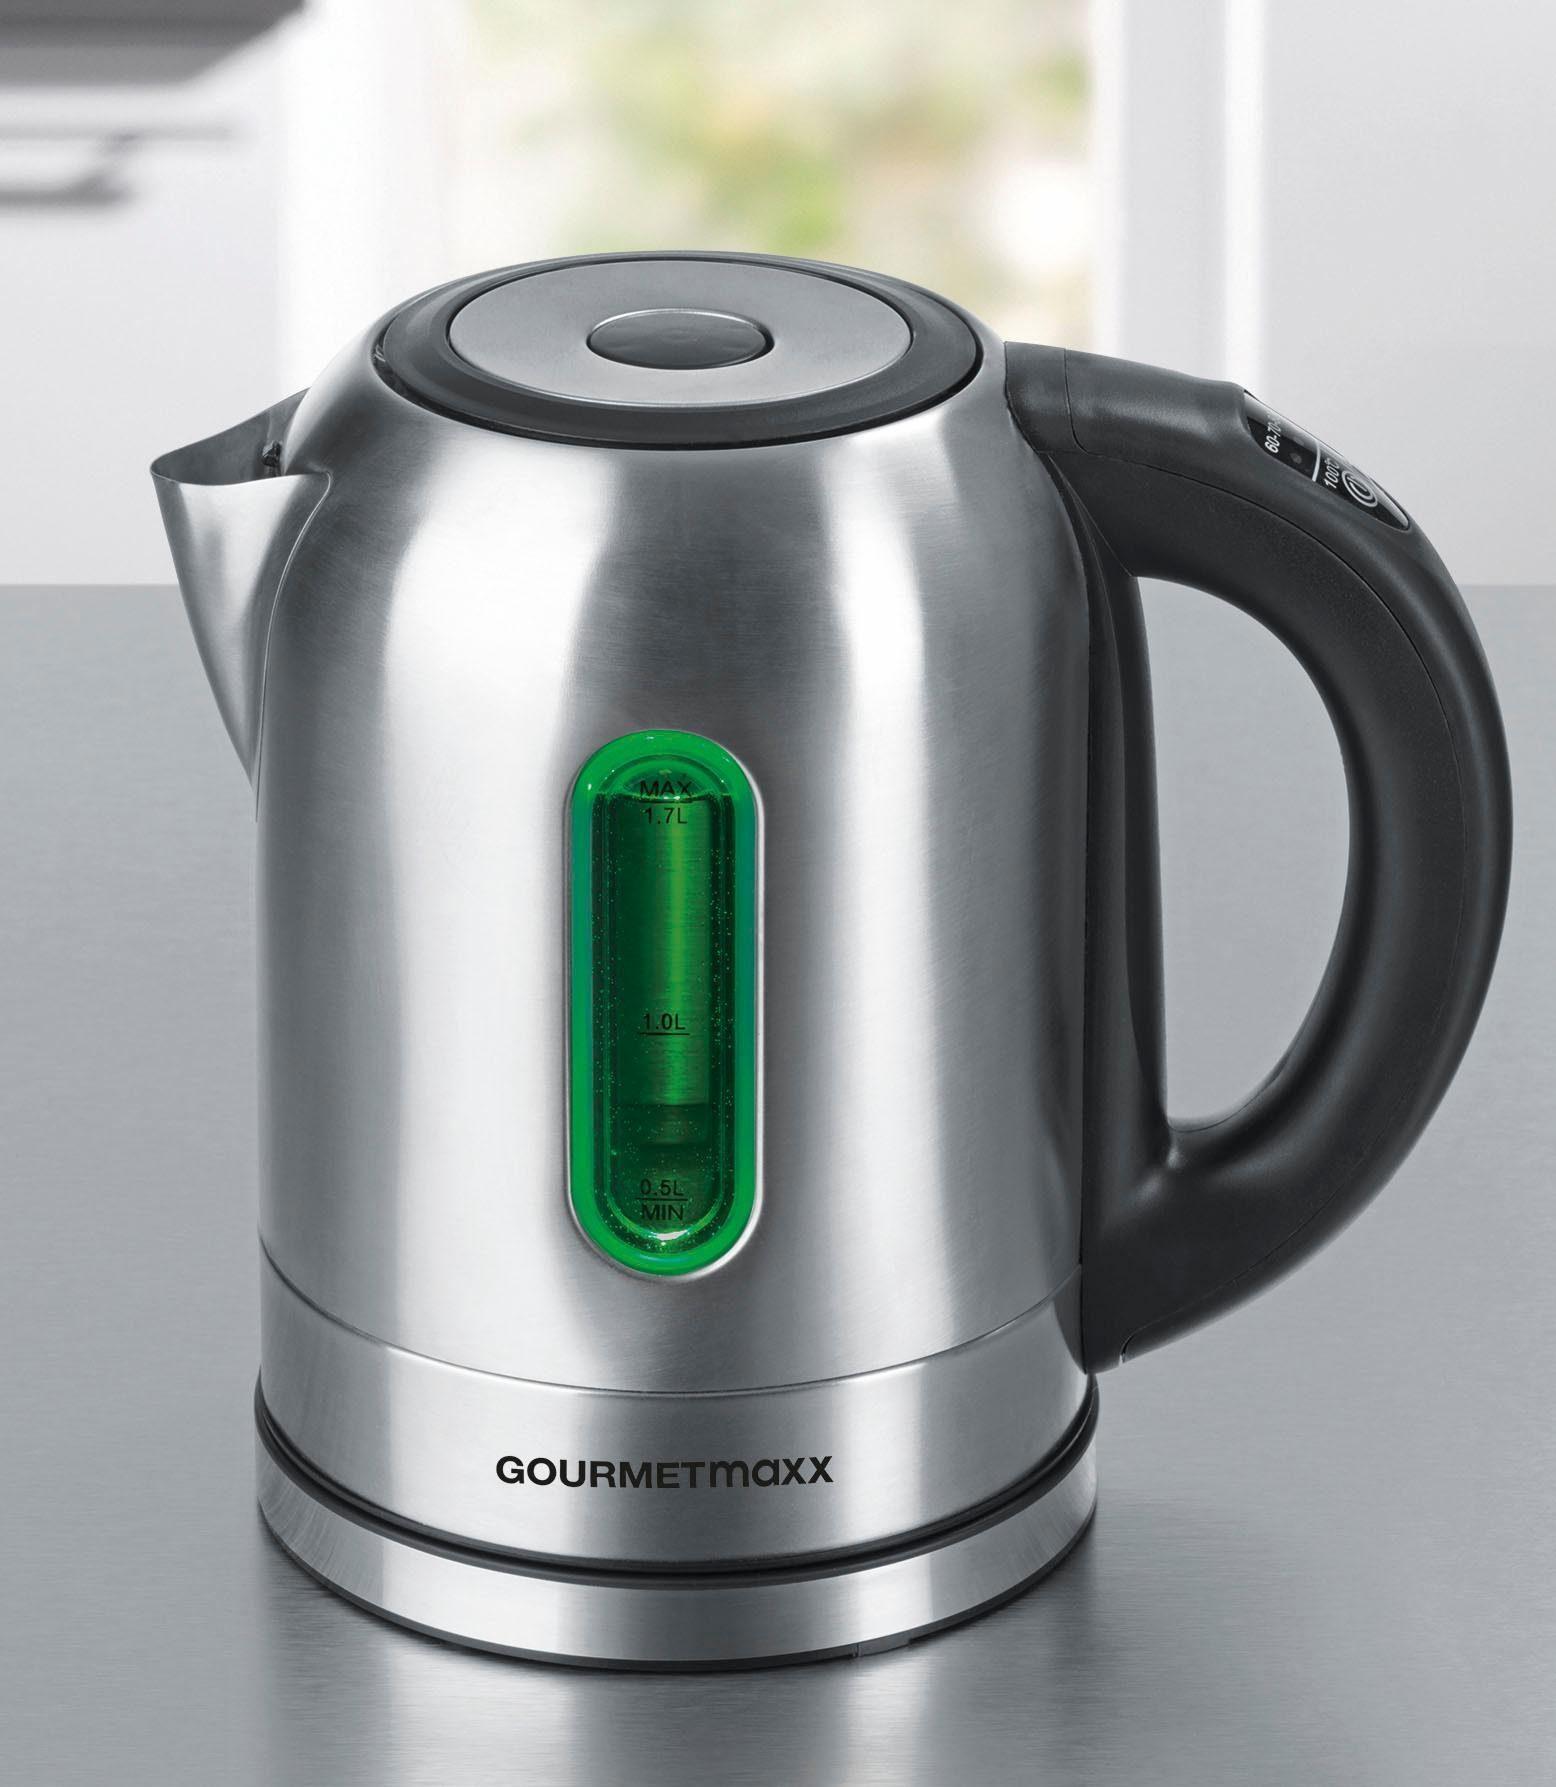 Gourmet Maxx Wasserkocher, LED-Temperaturwahl, 1,7 Liter, 2200 Watt, Edelstahl